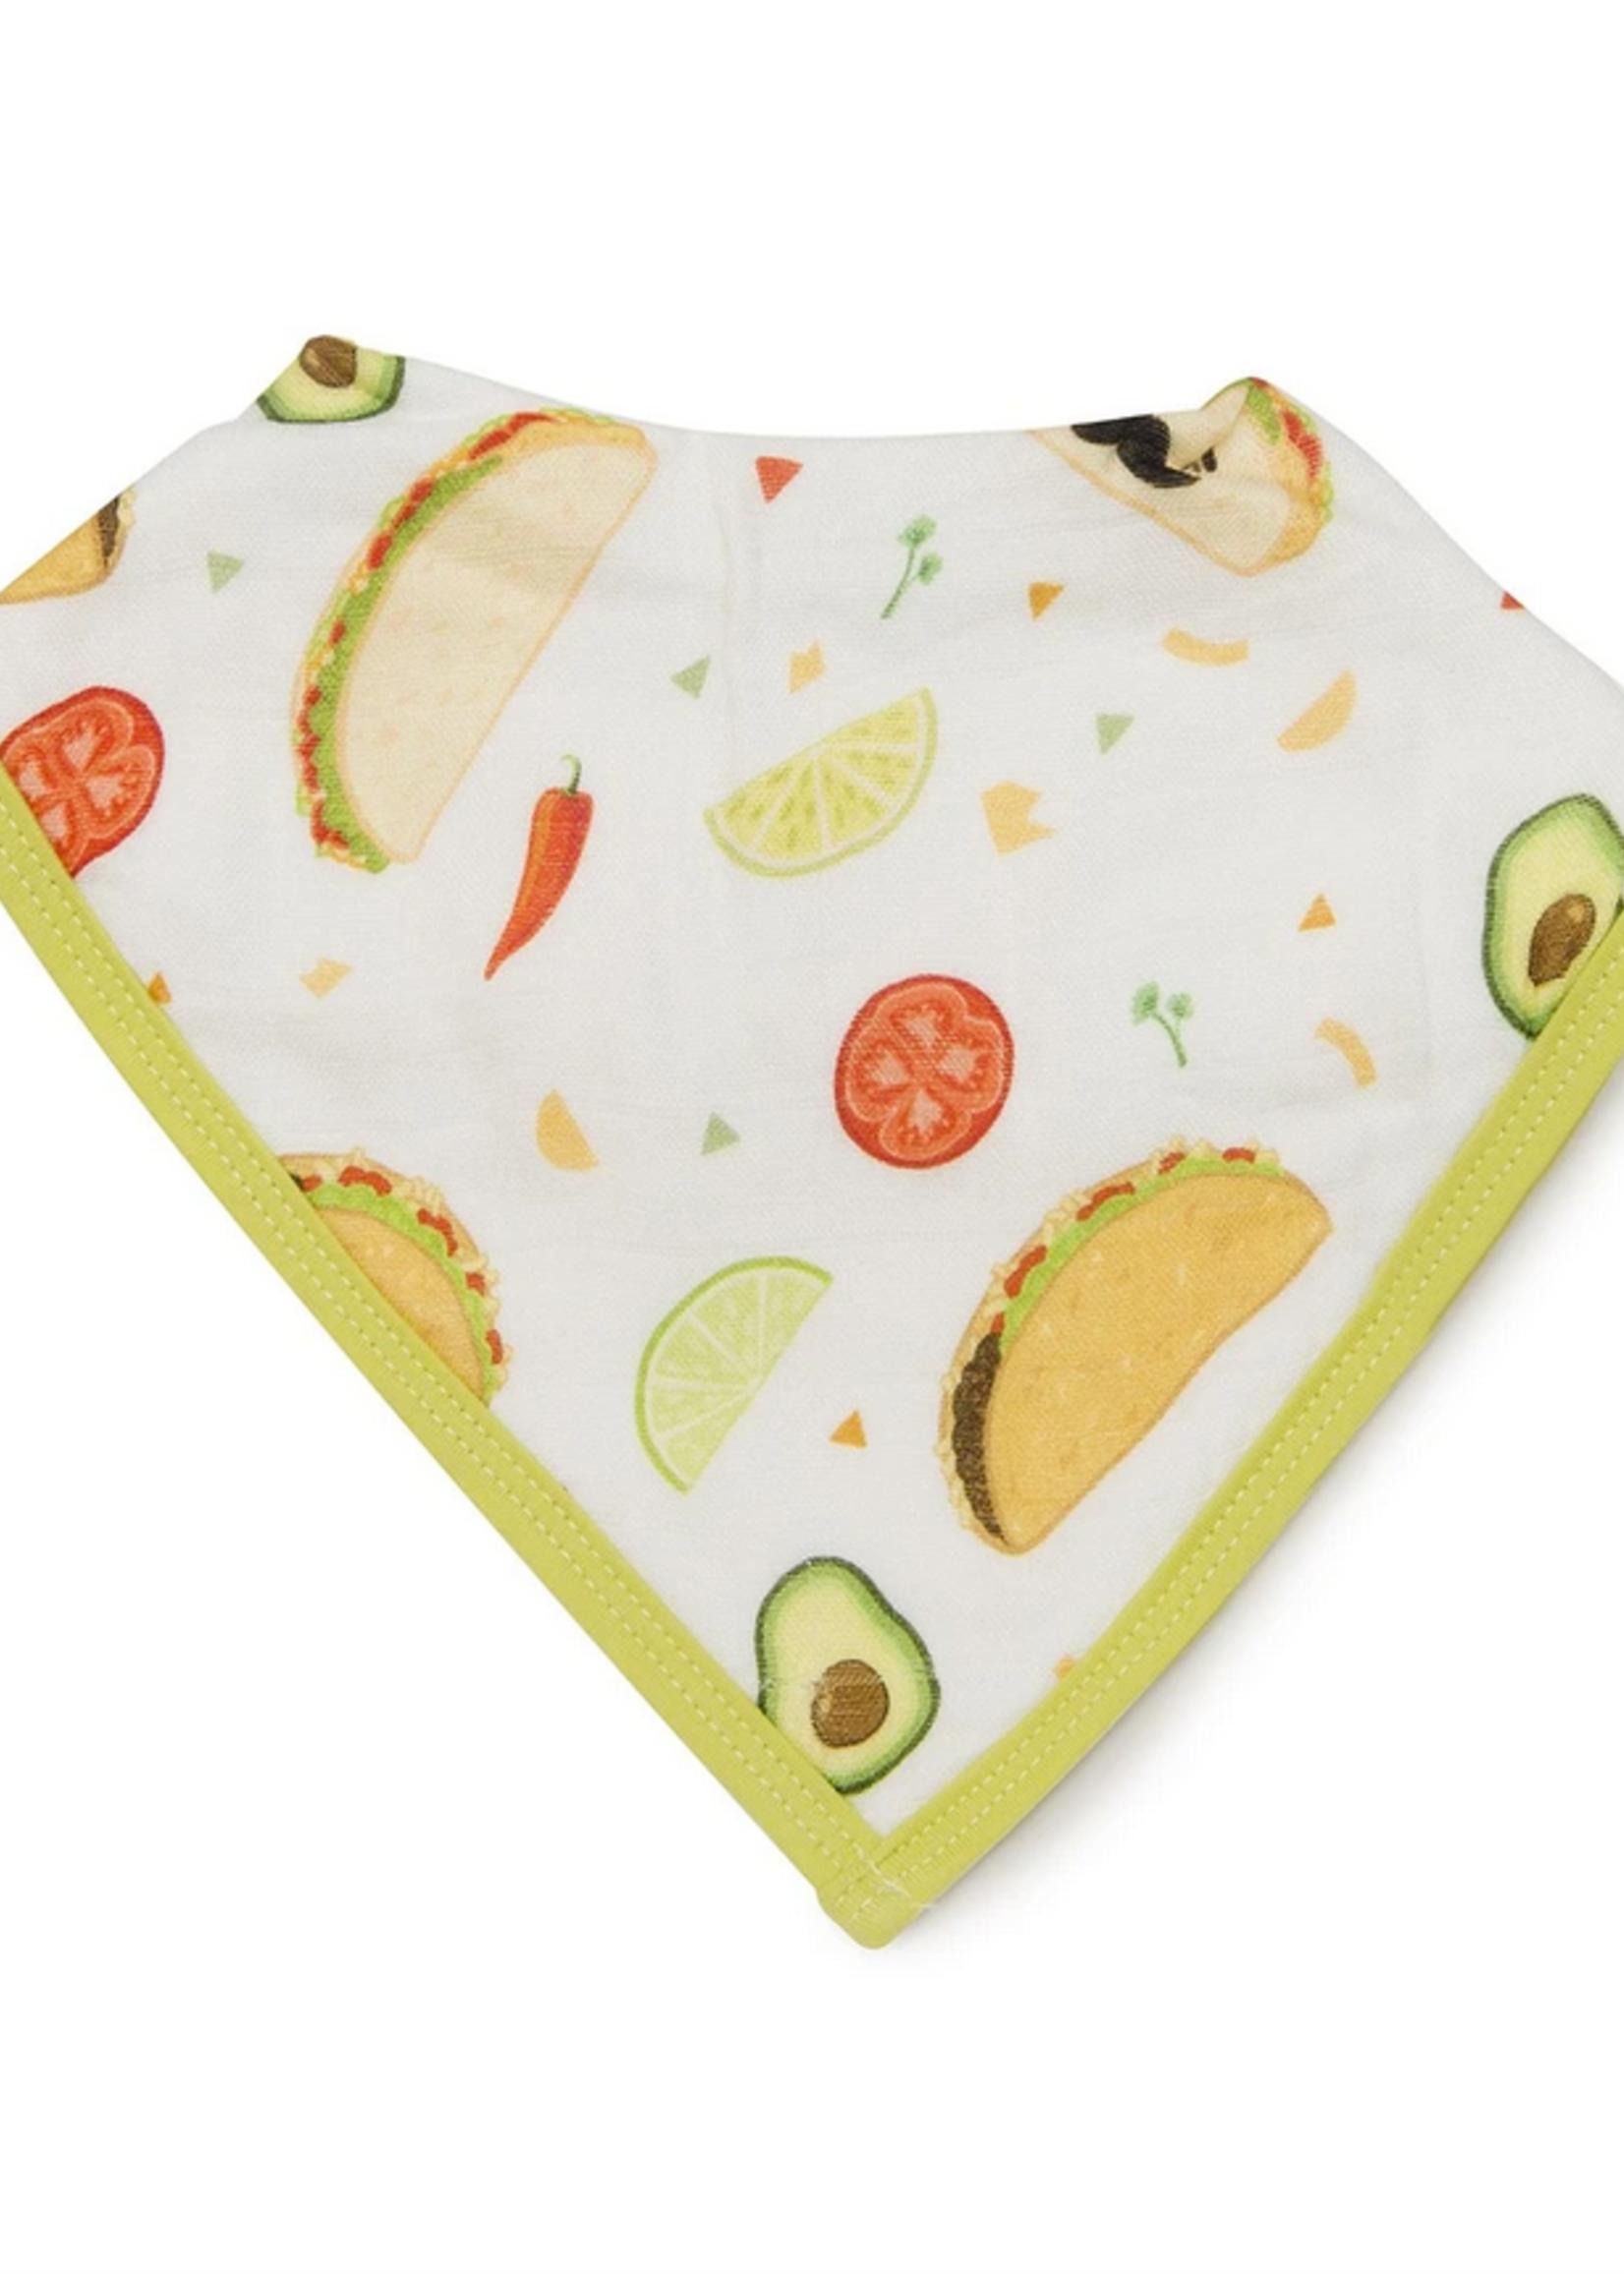 Elitaire Petite Bandana Bib Set - Sushi/Taco